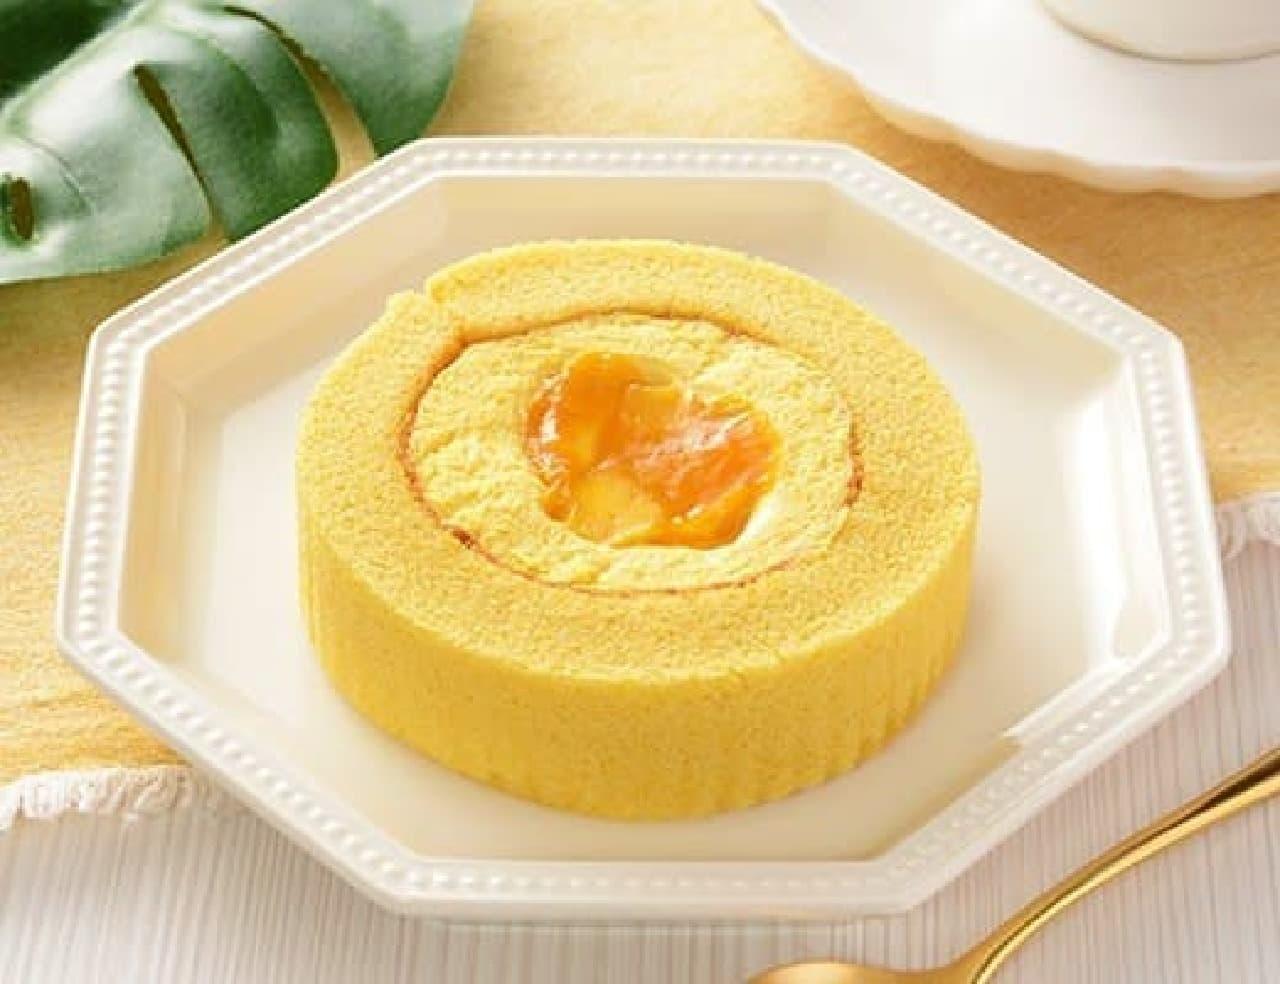 ローソンのマンゴーとパッションフルーツのロールケーキ